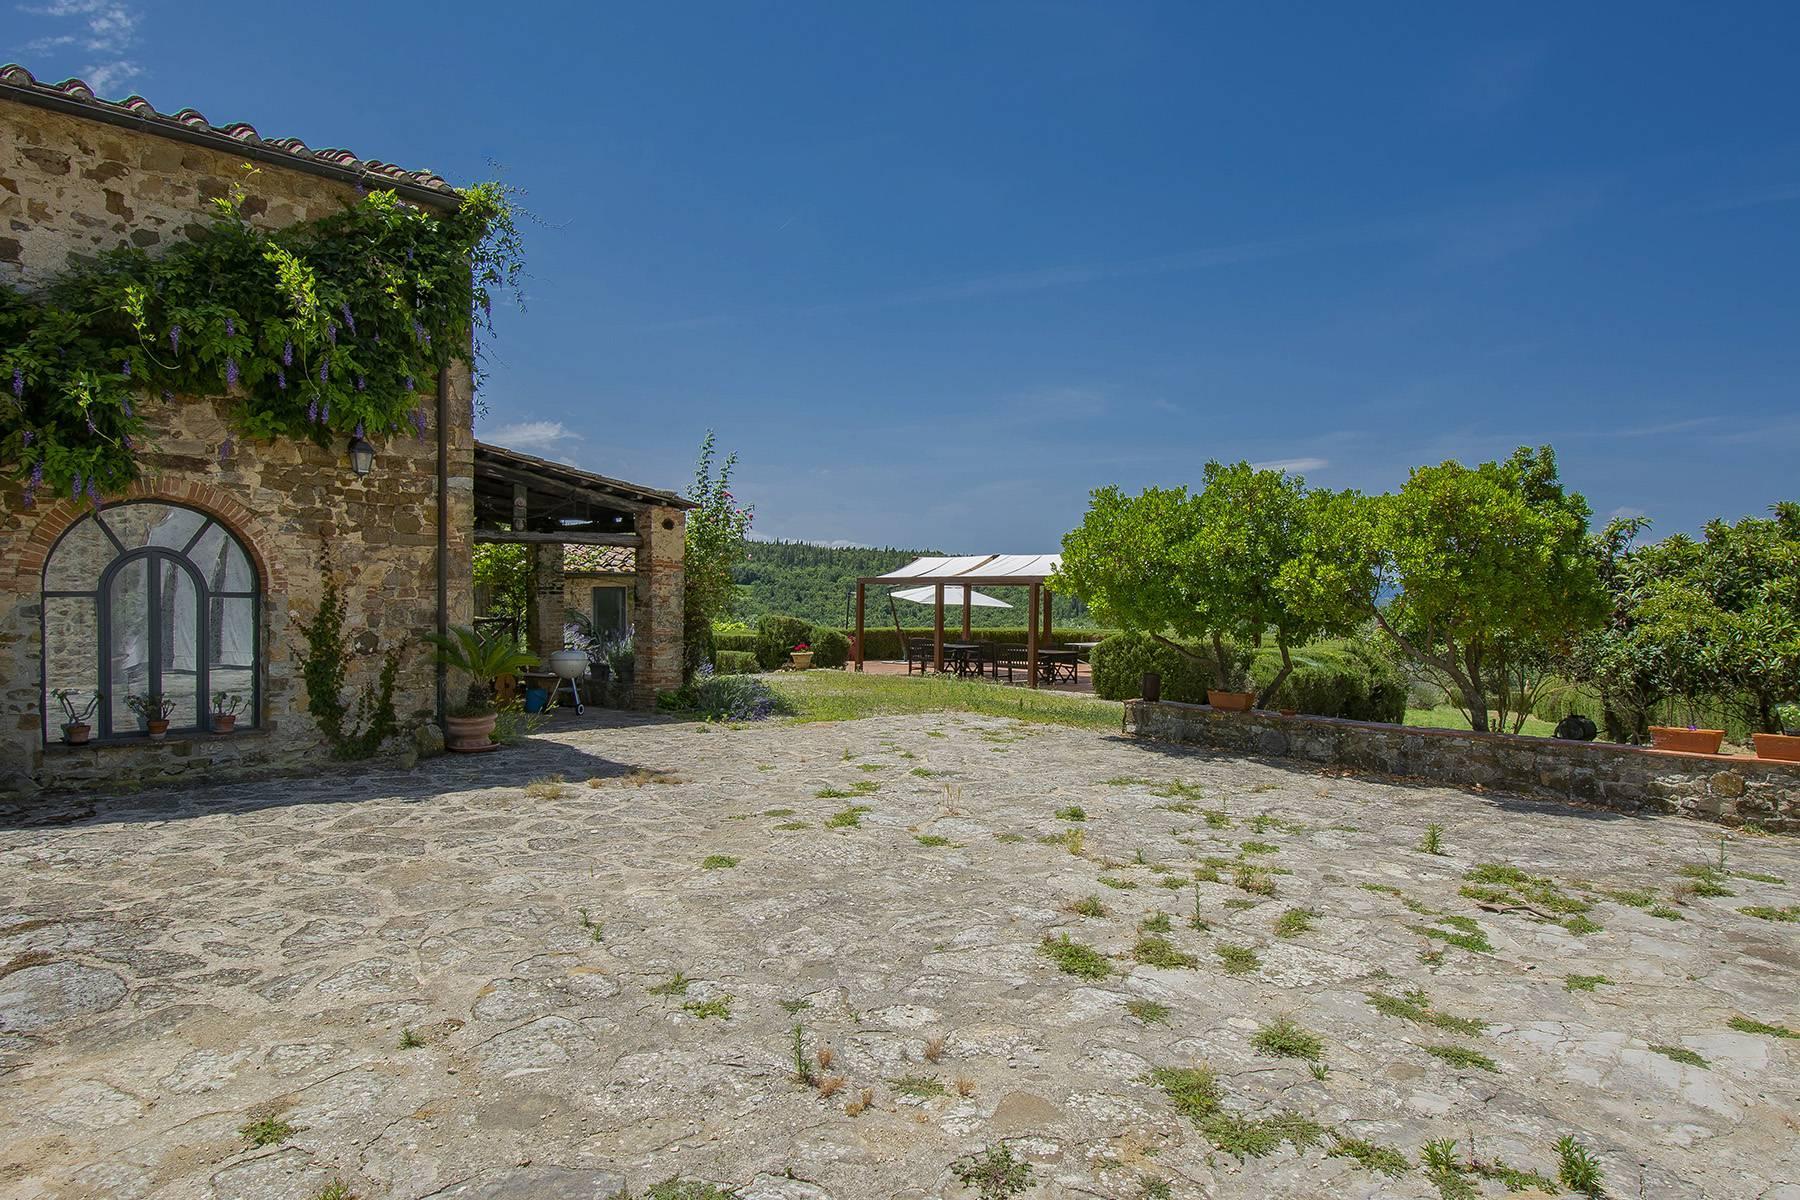 Panorama-Bauernhaus mit Bio-Chianti-Ölproduktion - 25